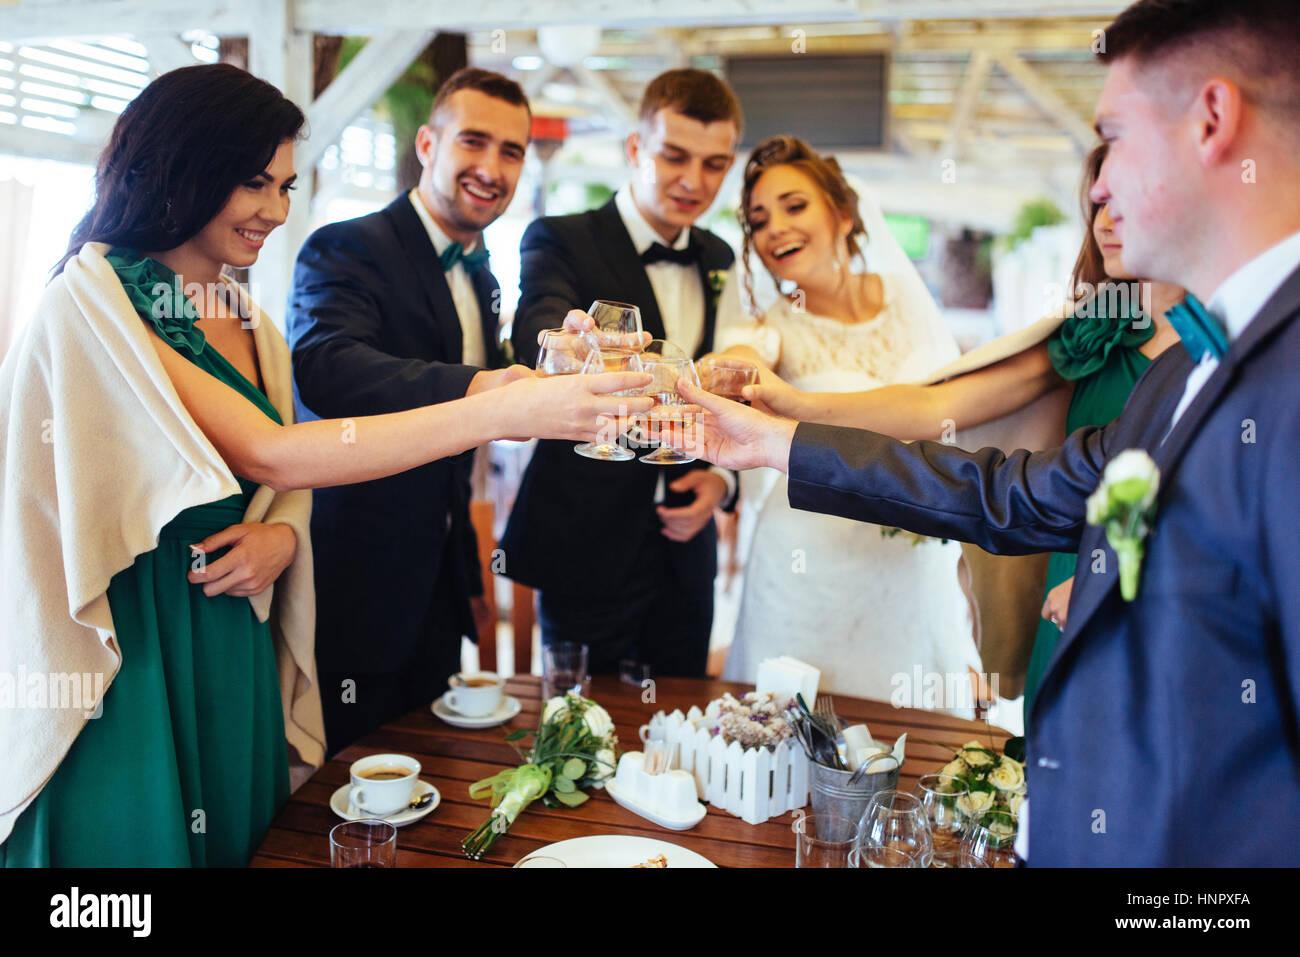 Spose il giorno del nostro matrimonio con gli amici in un bar Foto Stock